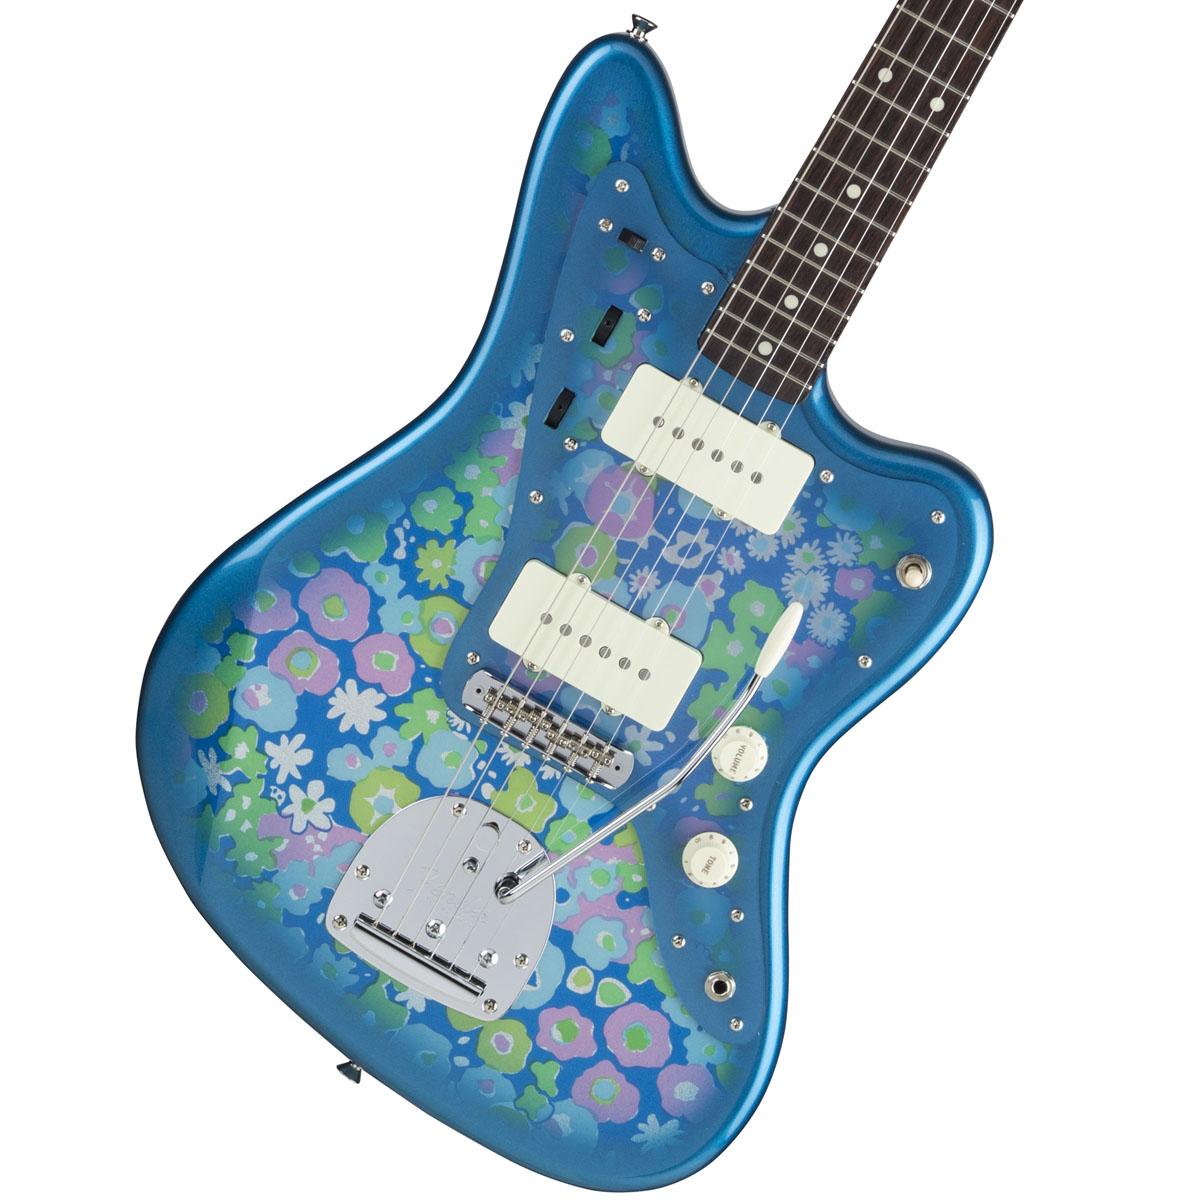 【タイムセール:30日12時まで】Fender / Made in Japan Traditional 60s Jazzmaster Rosewood Fingerboard Blue Flower 《カスタムショップのお手入れ用品を進呈/+671038200》